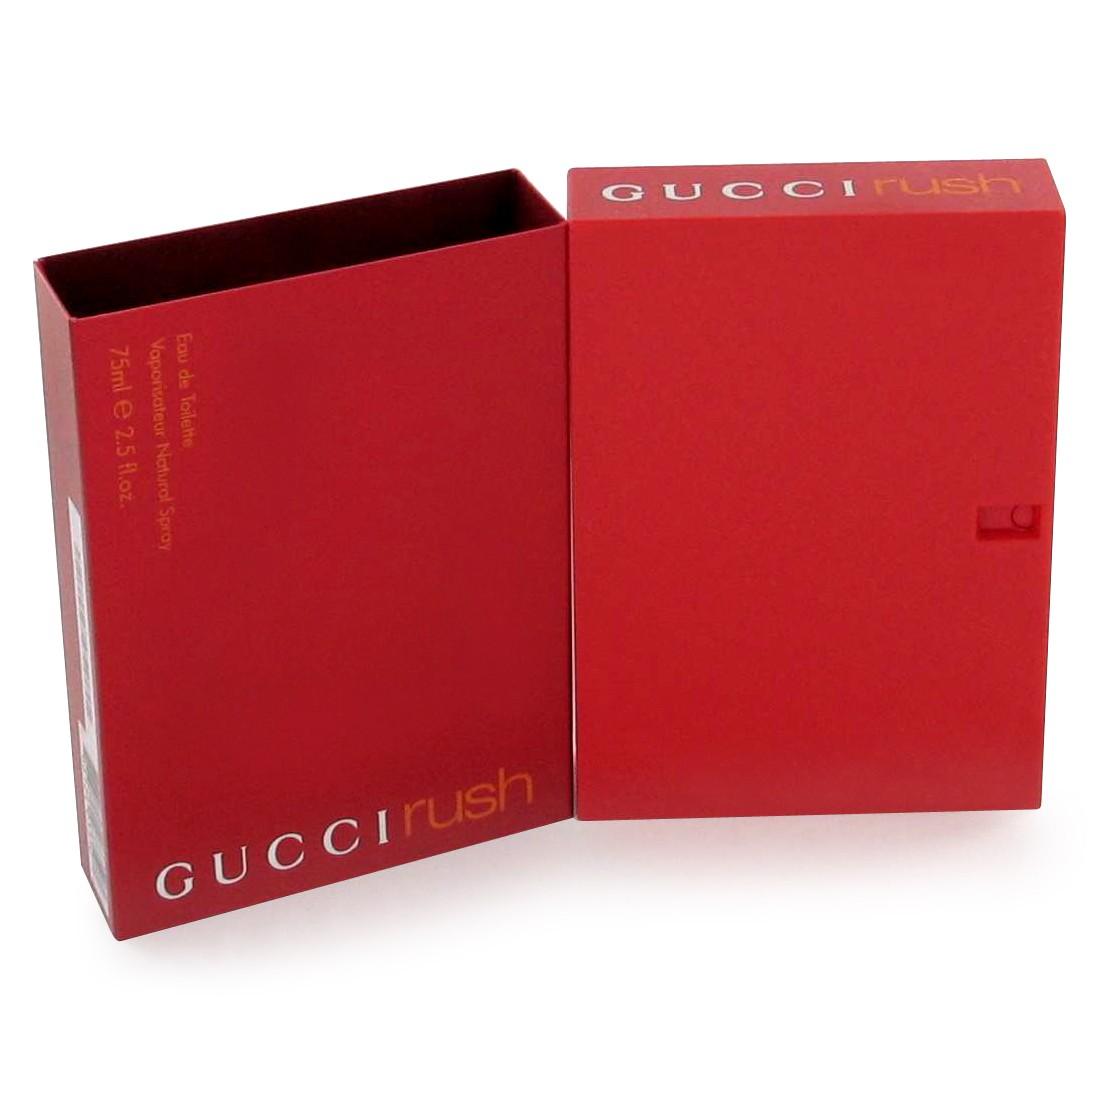 Gucci Rush Women